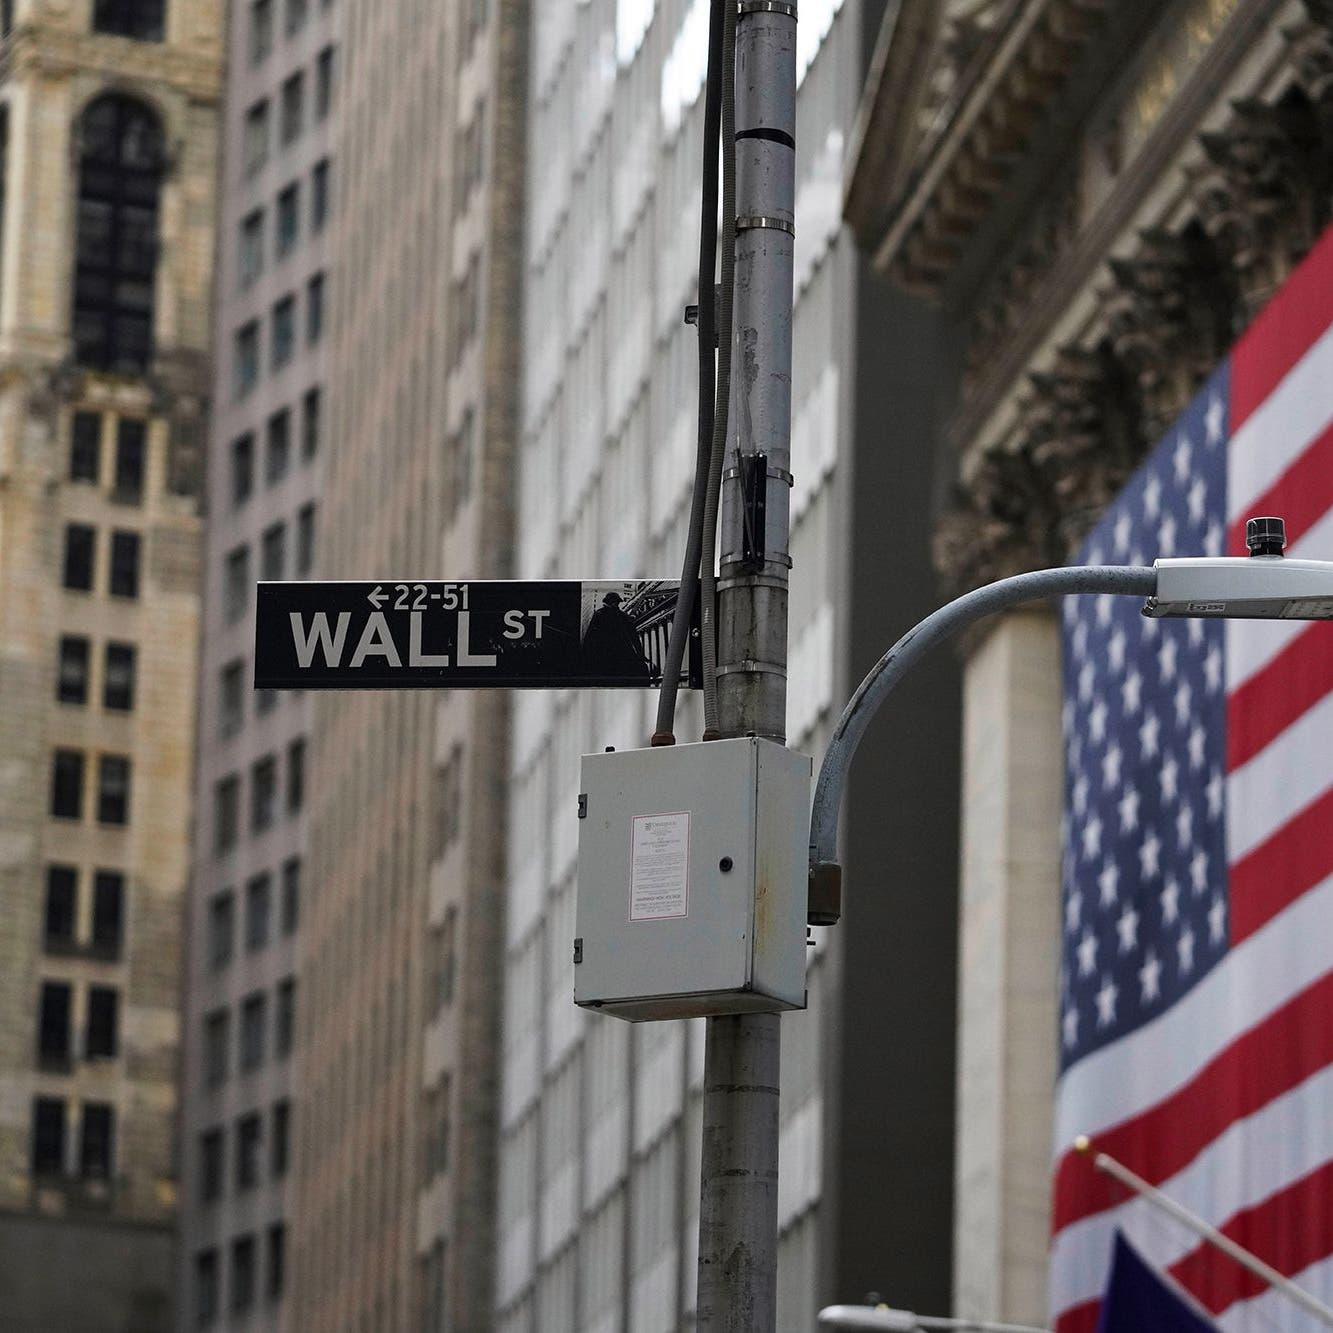 الأسواق الأميركية تفتح مرتفعة في يوم الانتخابات الرئاسية